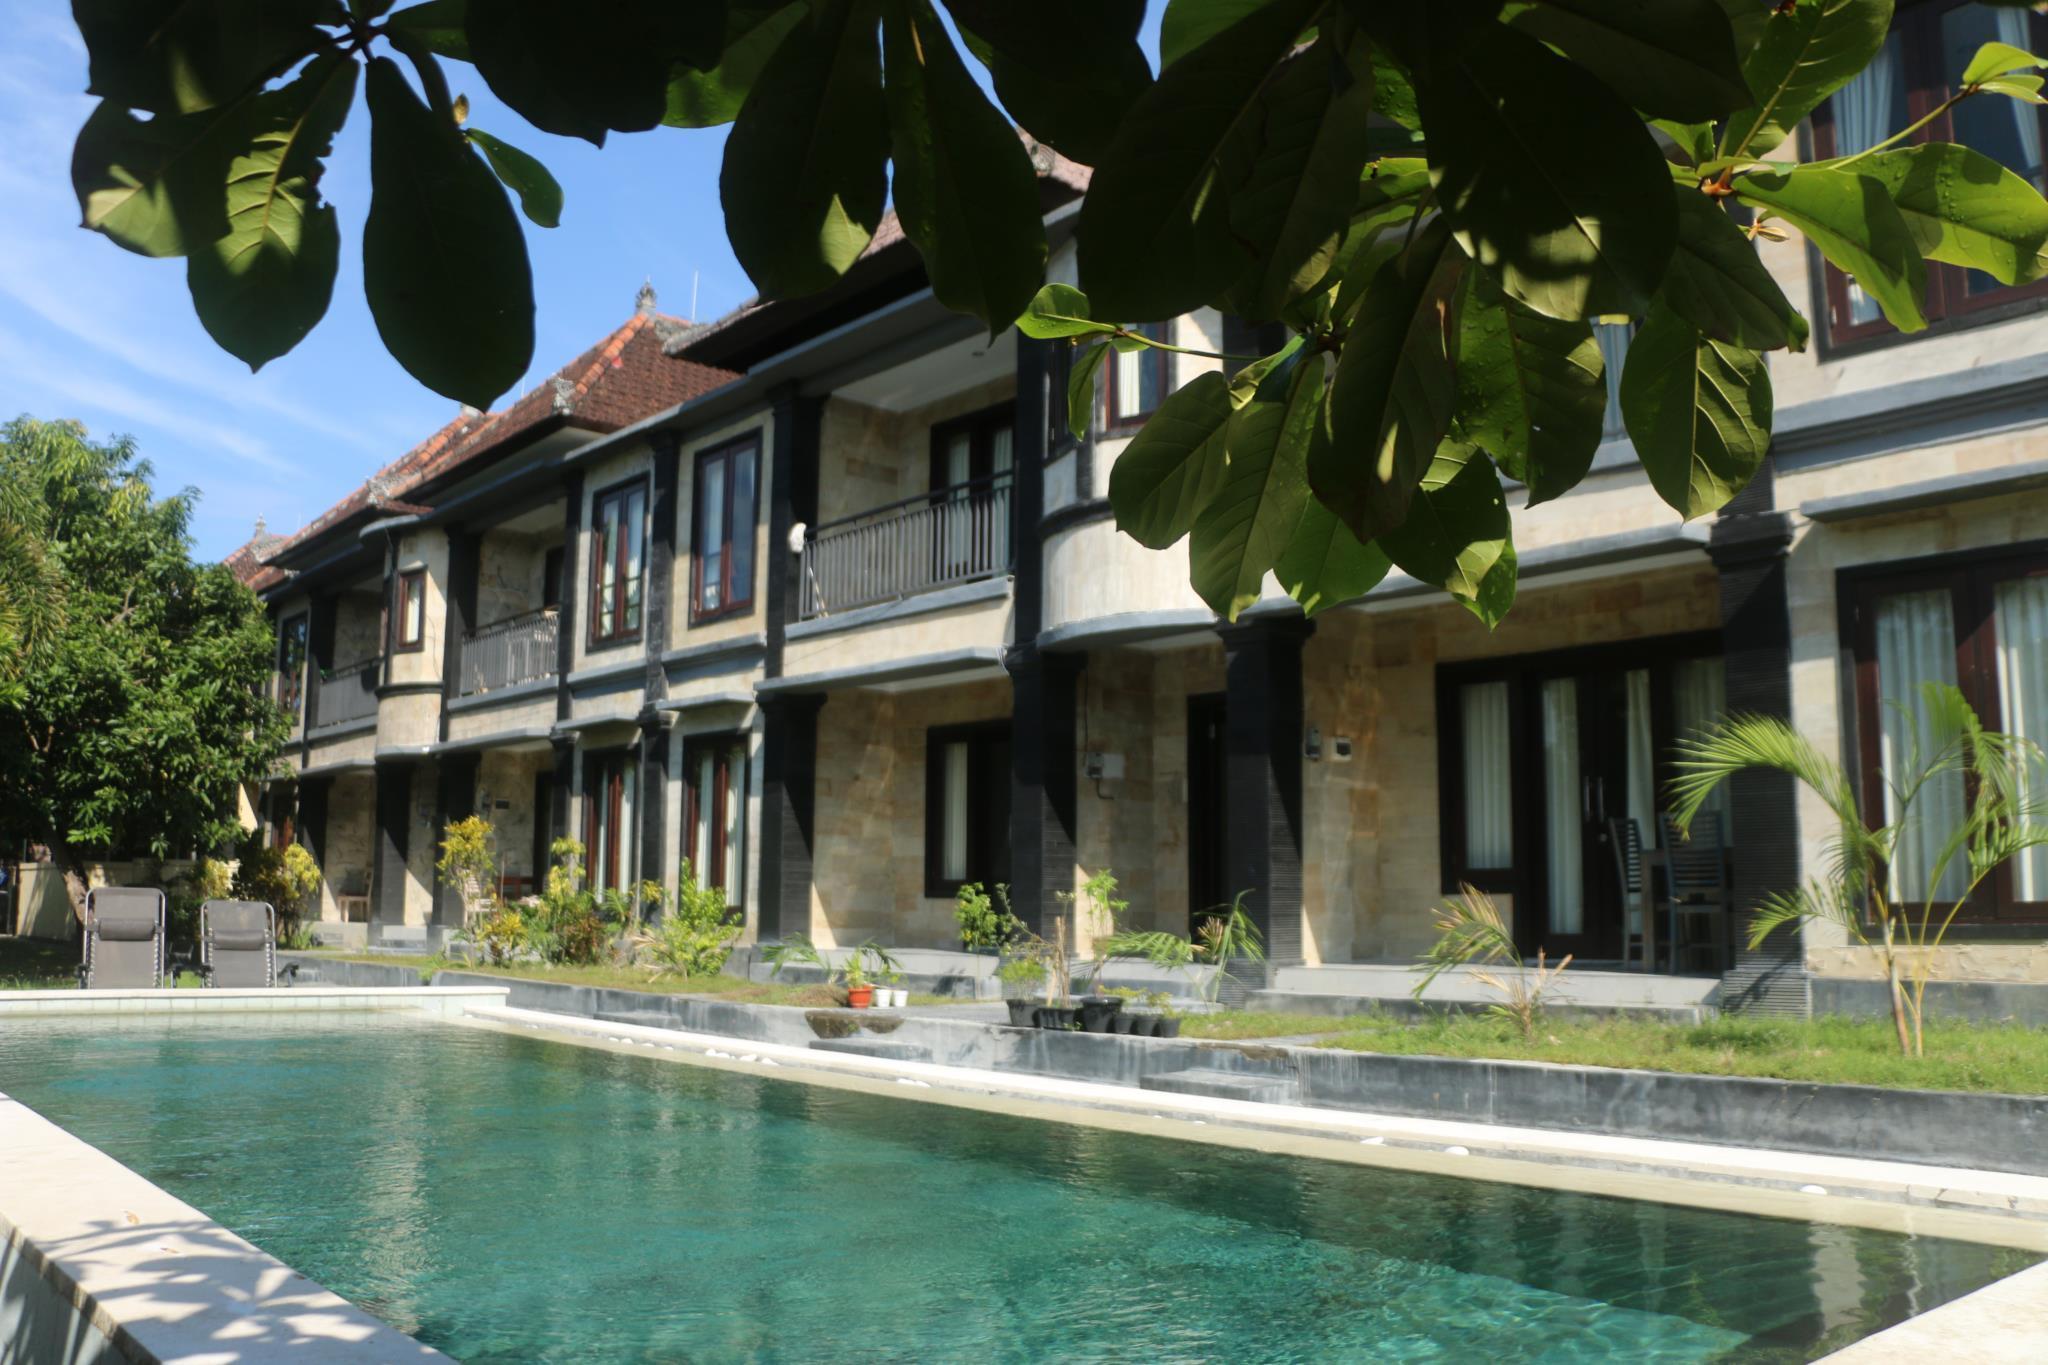 Bali Studio Apartment Unit 6